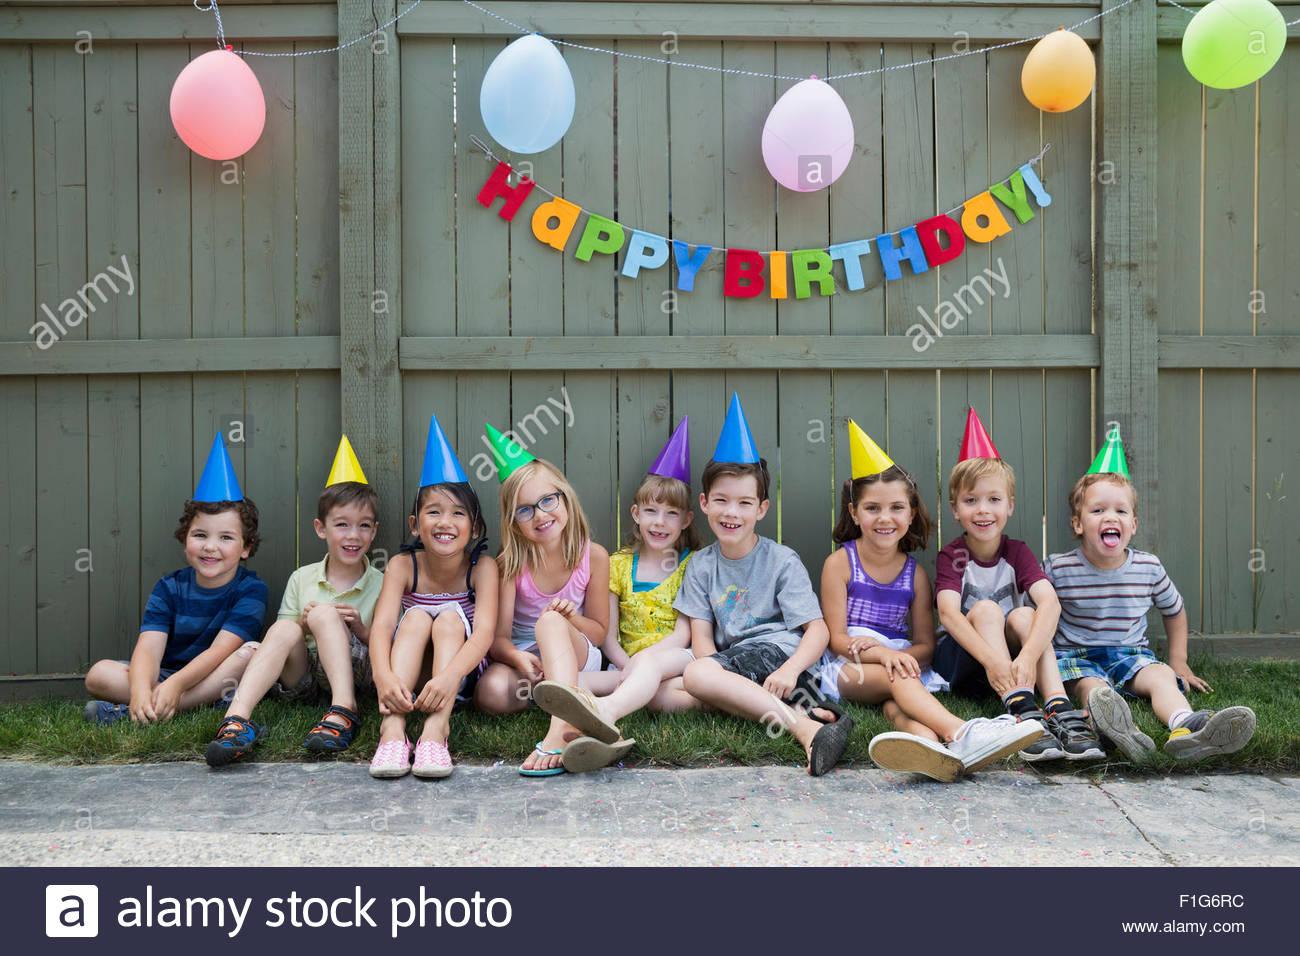 Retrato niños sonrientes una fila backyard fiesta de cumpleaños Imagen De Stock